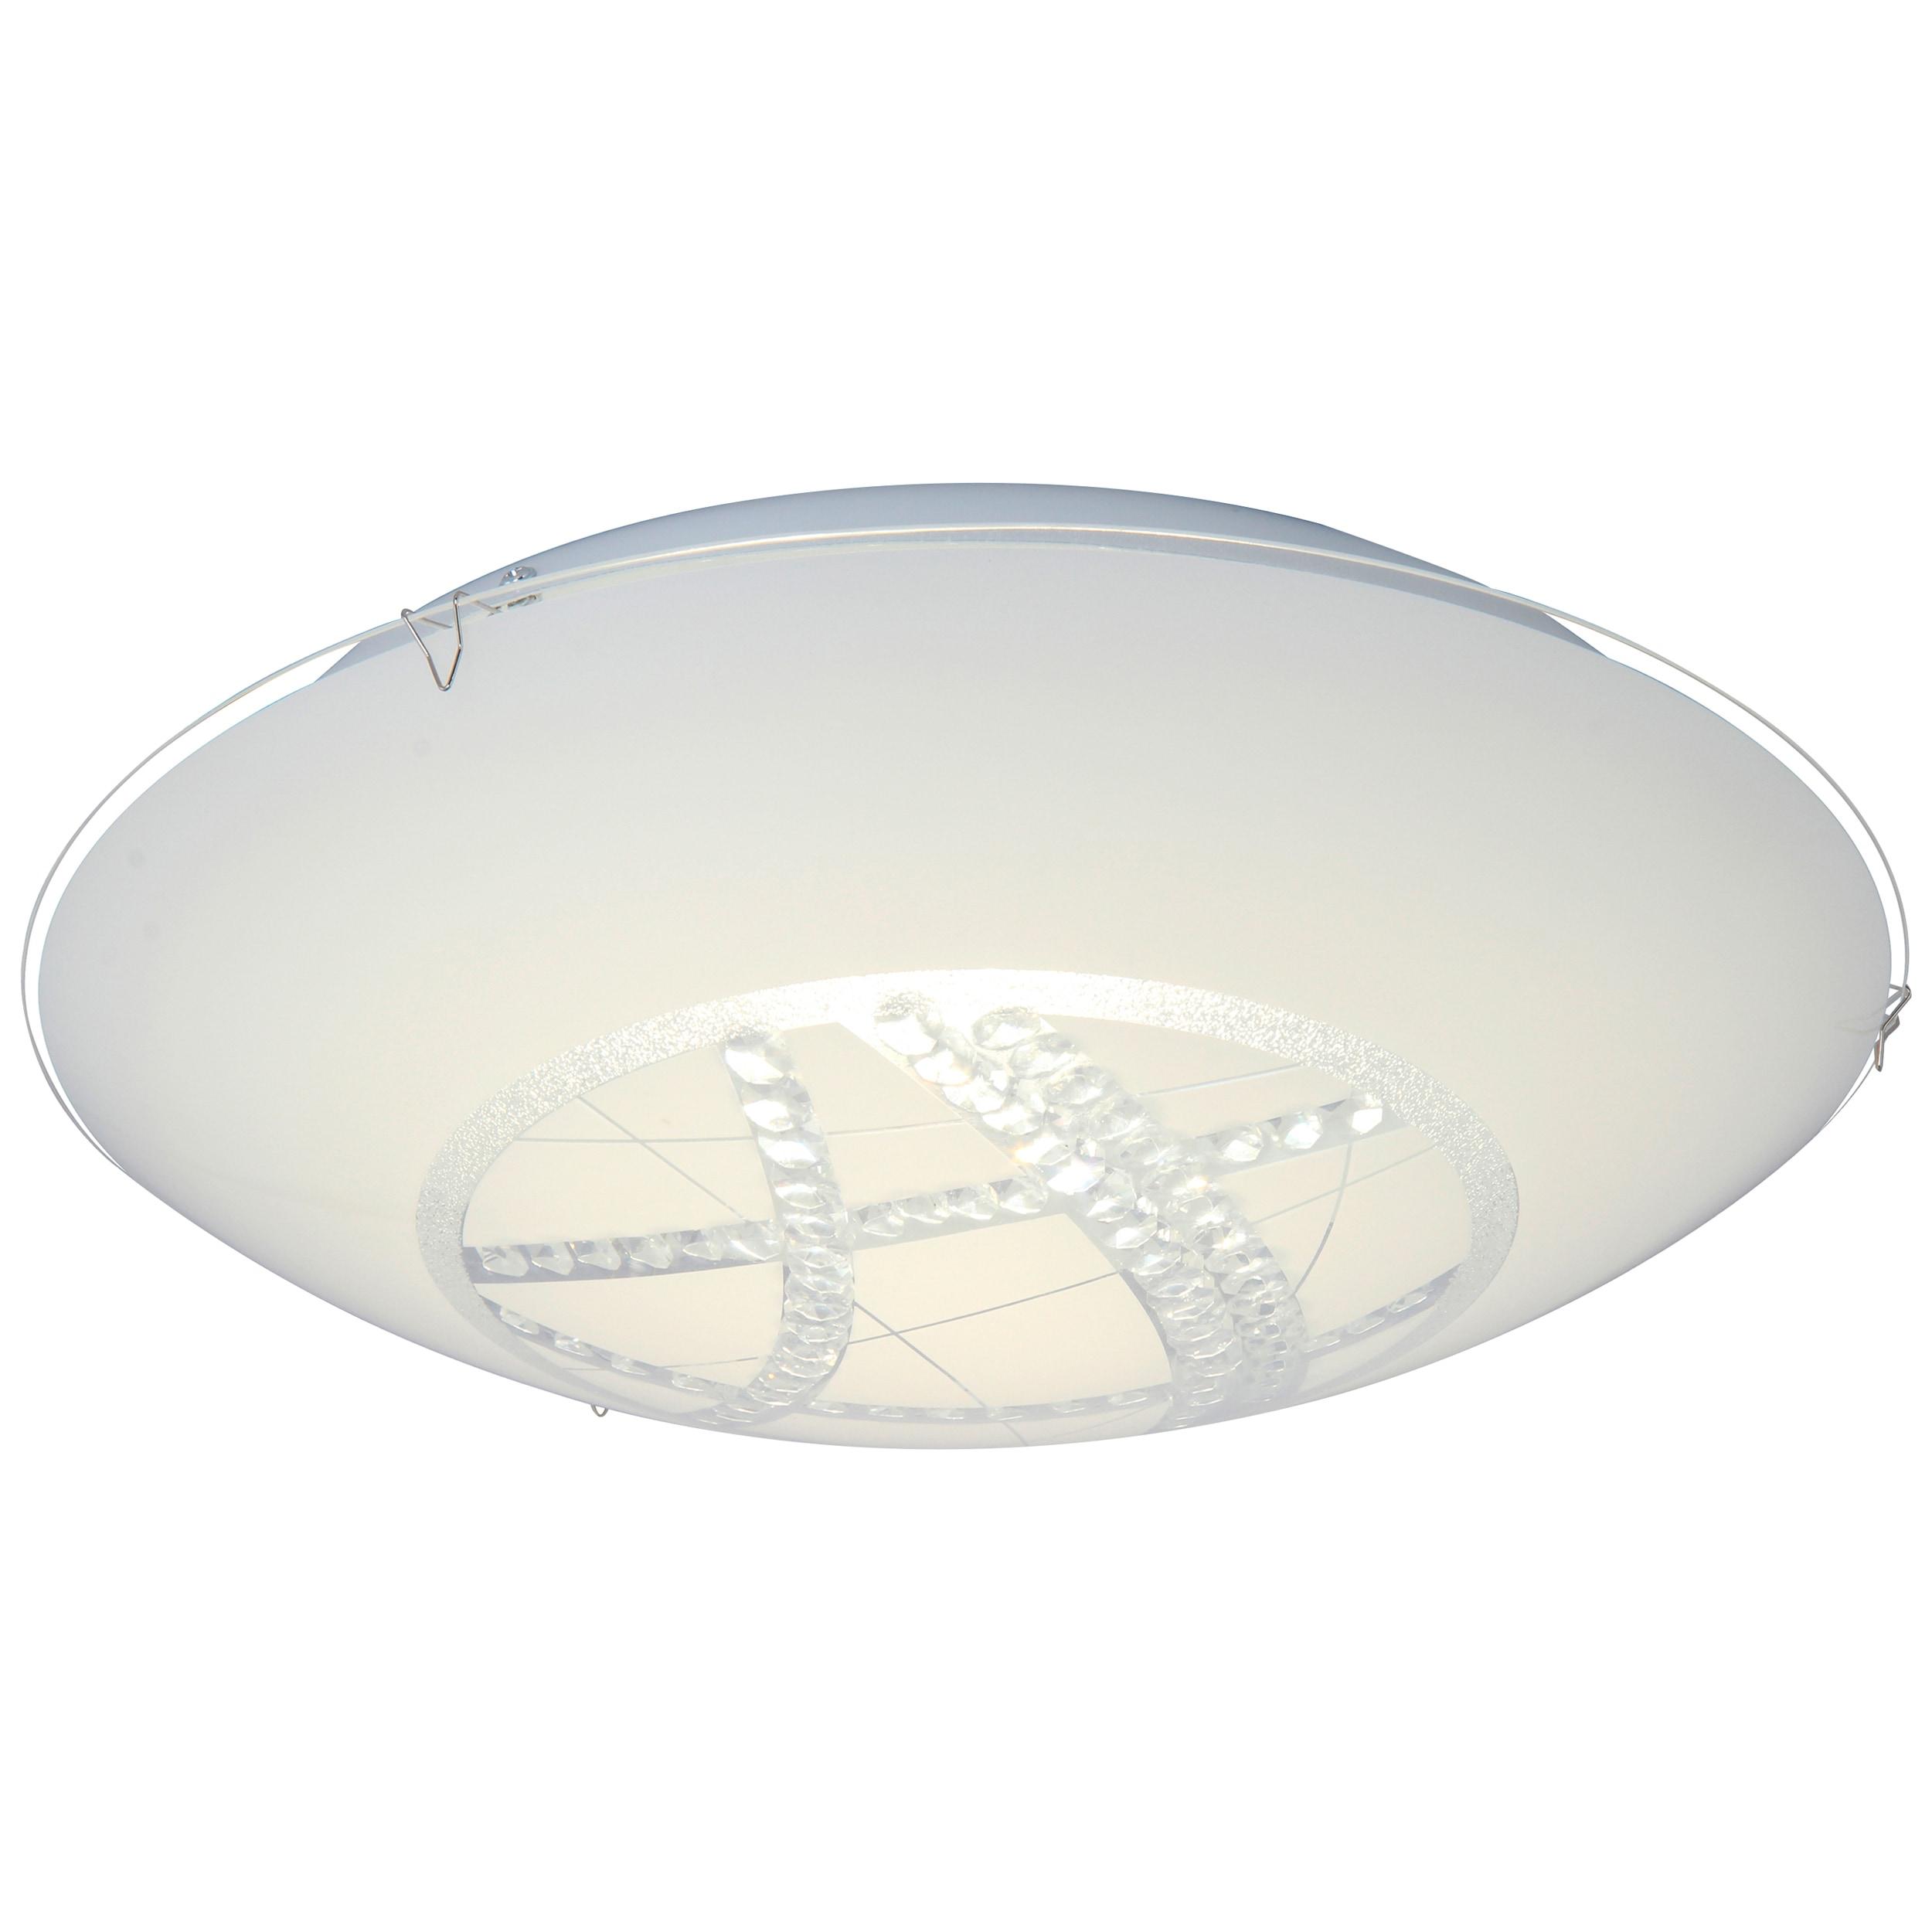 Brilliant Leuchten Lamio LED Wand- und Deckenleuchte 40cm weiß/transparent